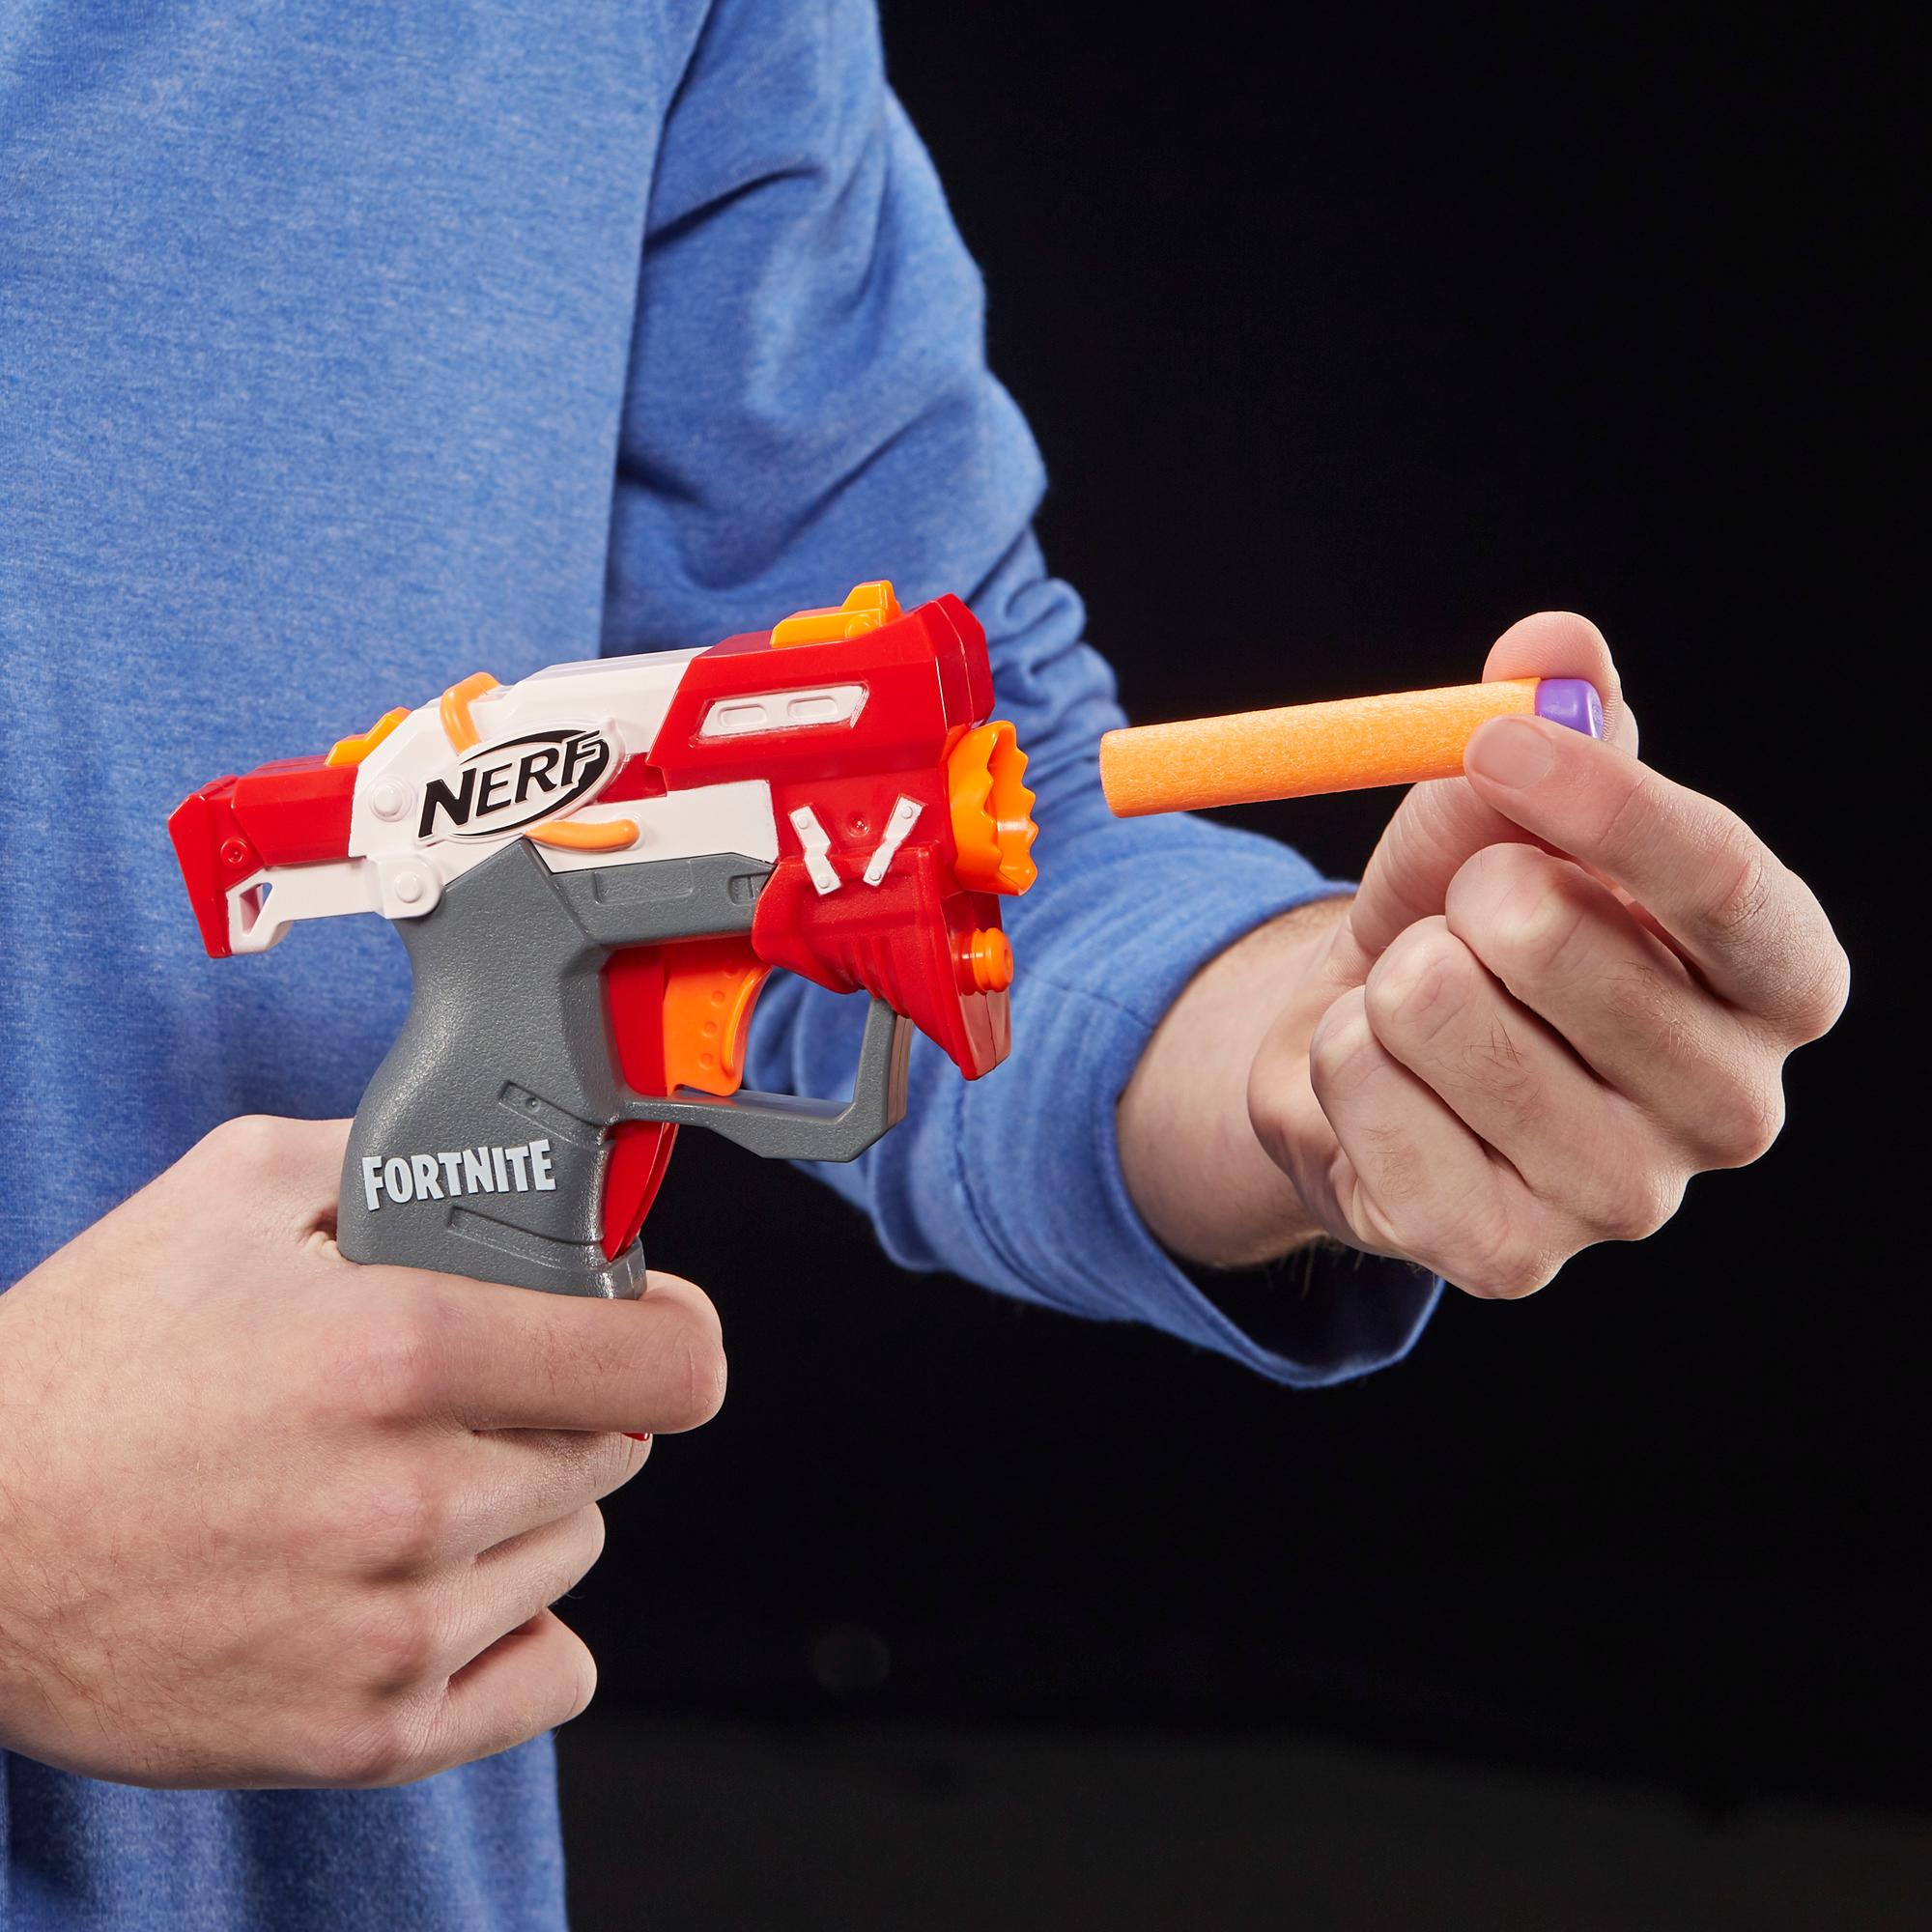 フォートナイト TS ナーフ マイクロショット ダーツ射撃 トイブラスターには2発のナーフ公式エリートダーツが付属。児童、青年、大人向け